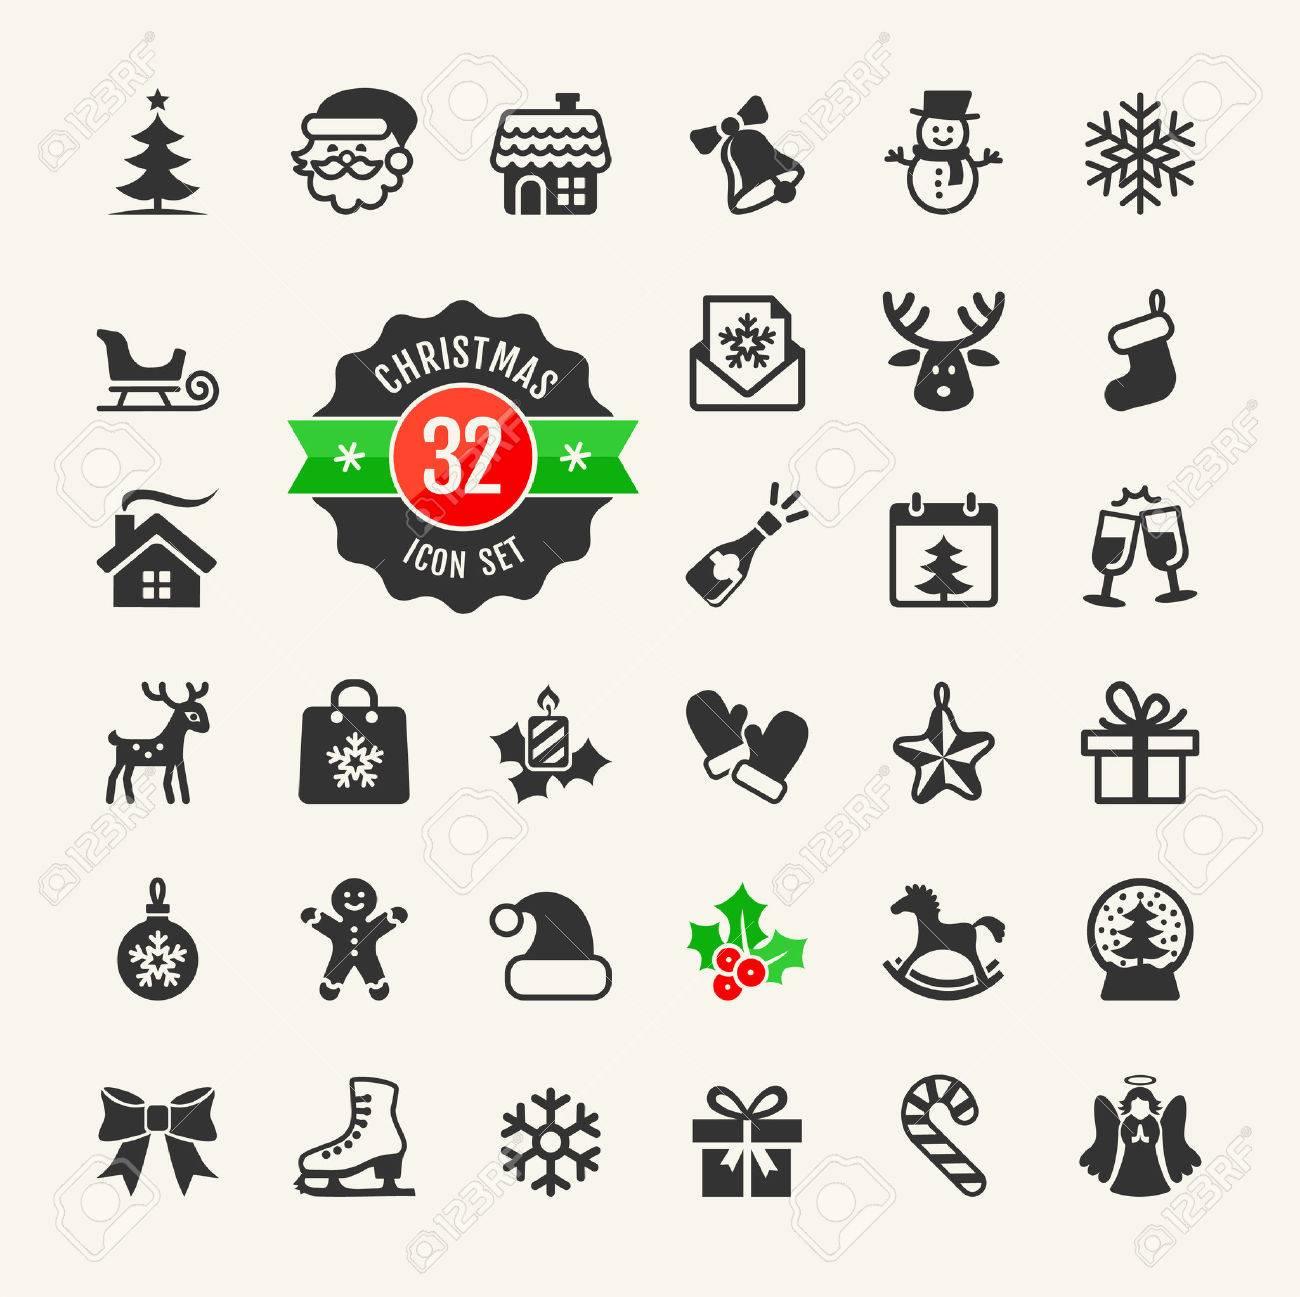 Christmas Holidays Icon.Christmas And Winter Holidays Icon Set